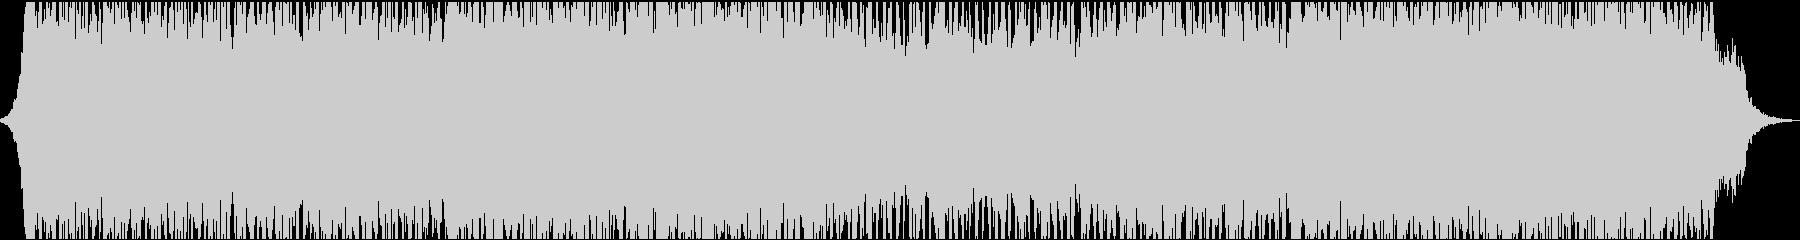 Elegant's unreproduced waveform